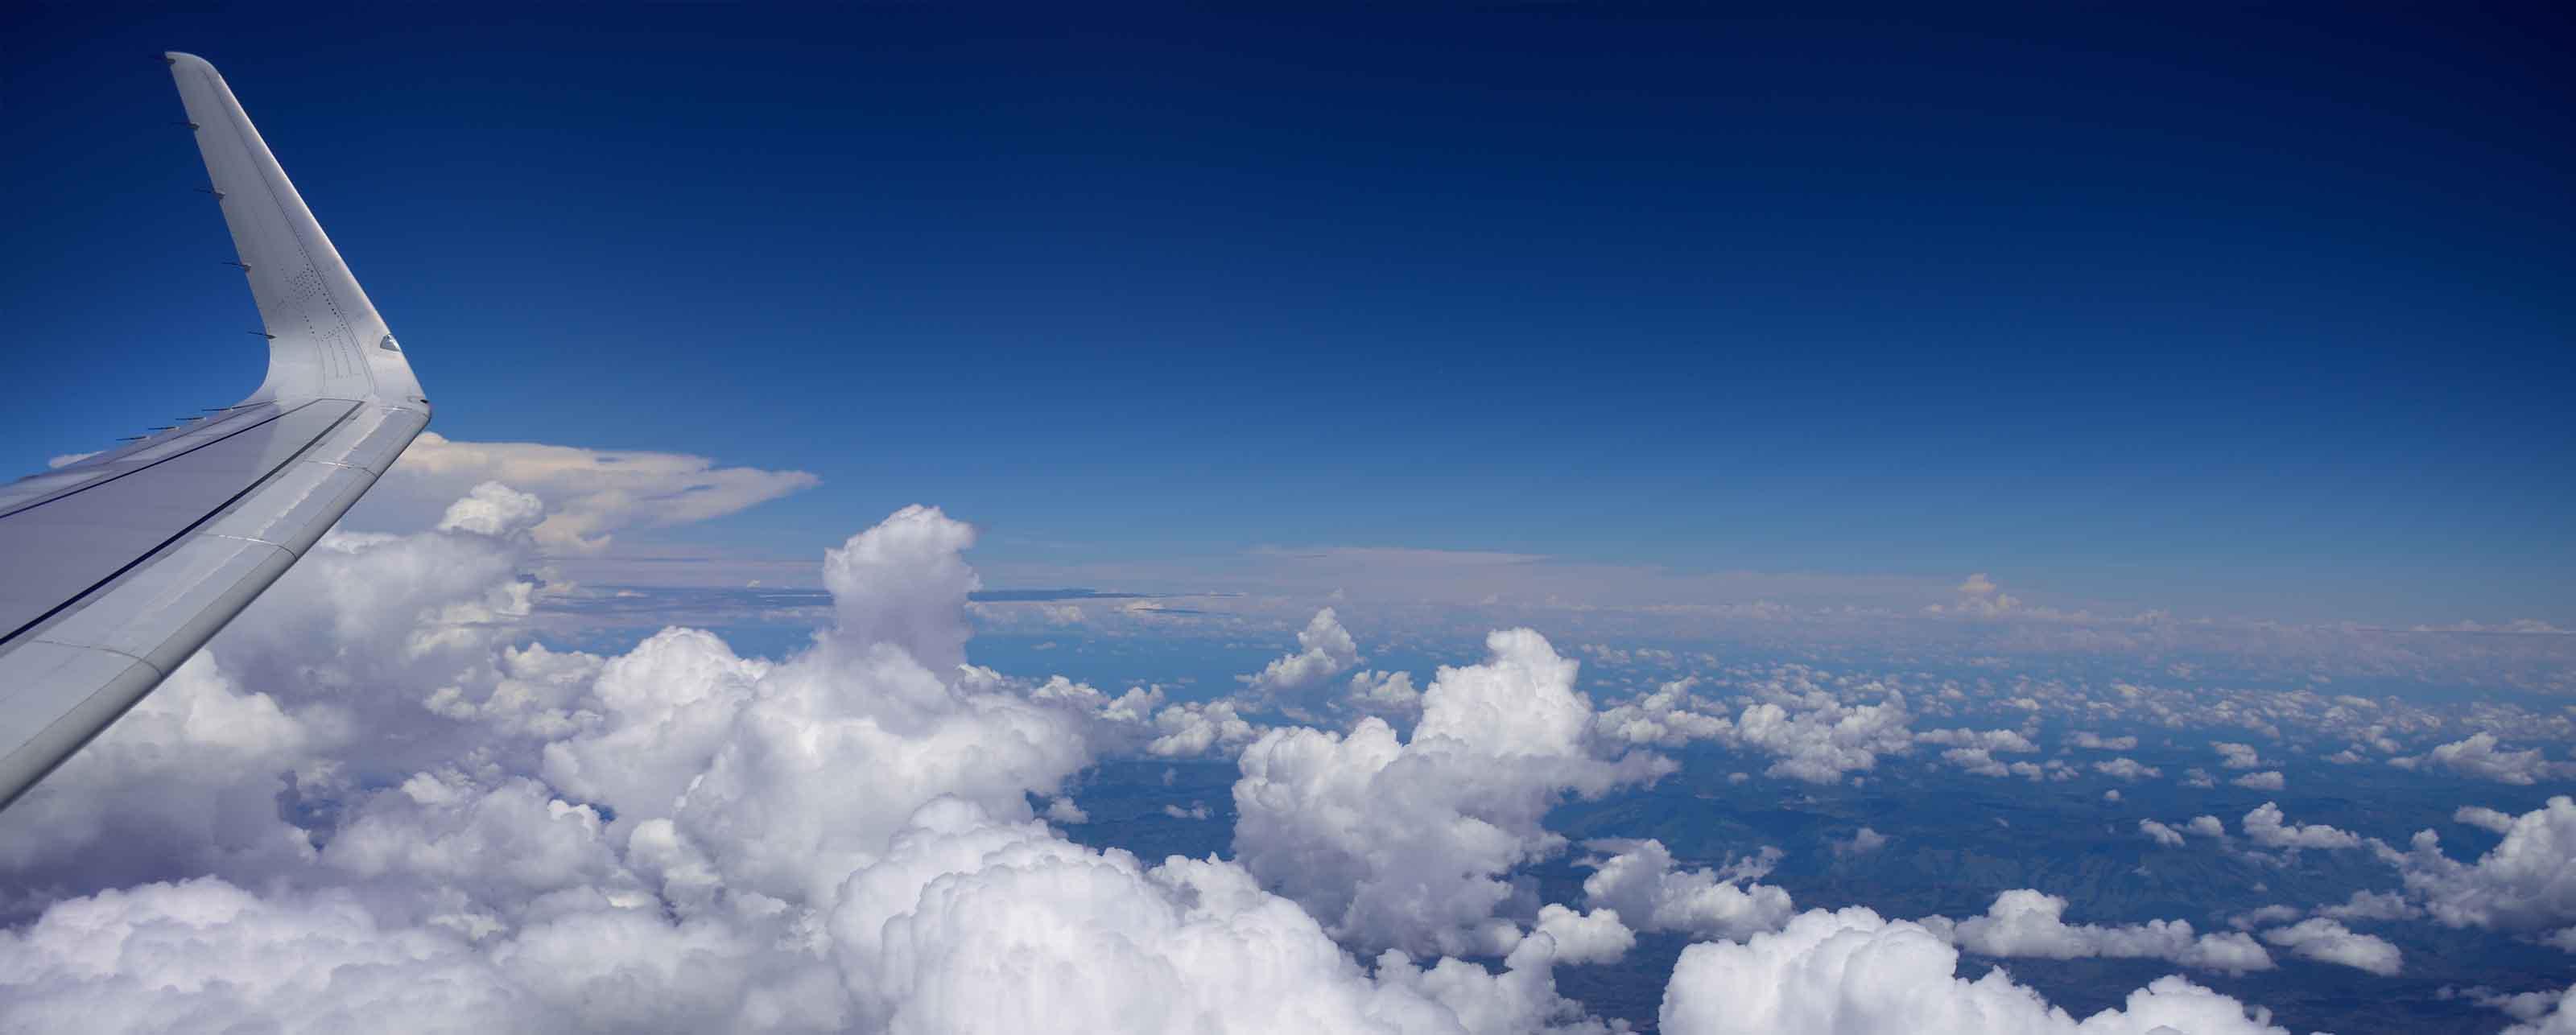 Software for aviation | GE Digital